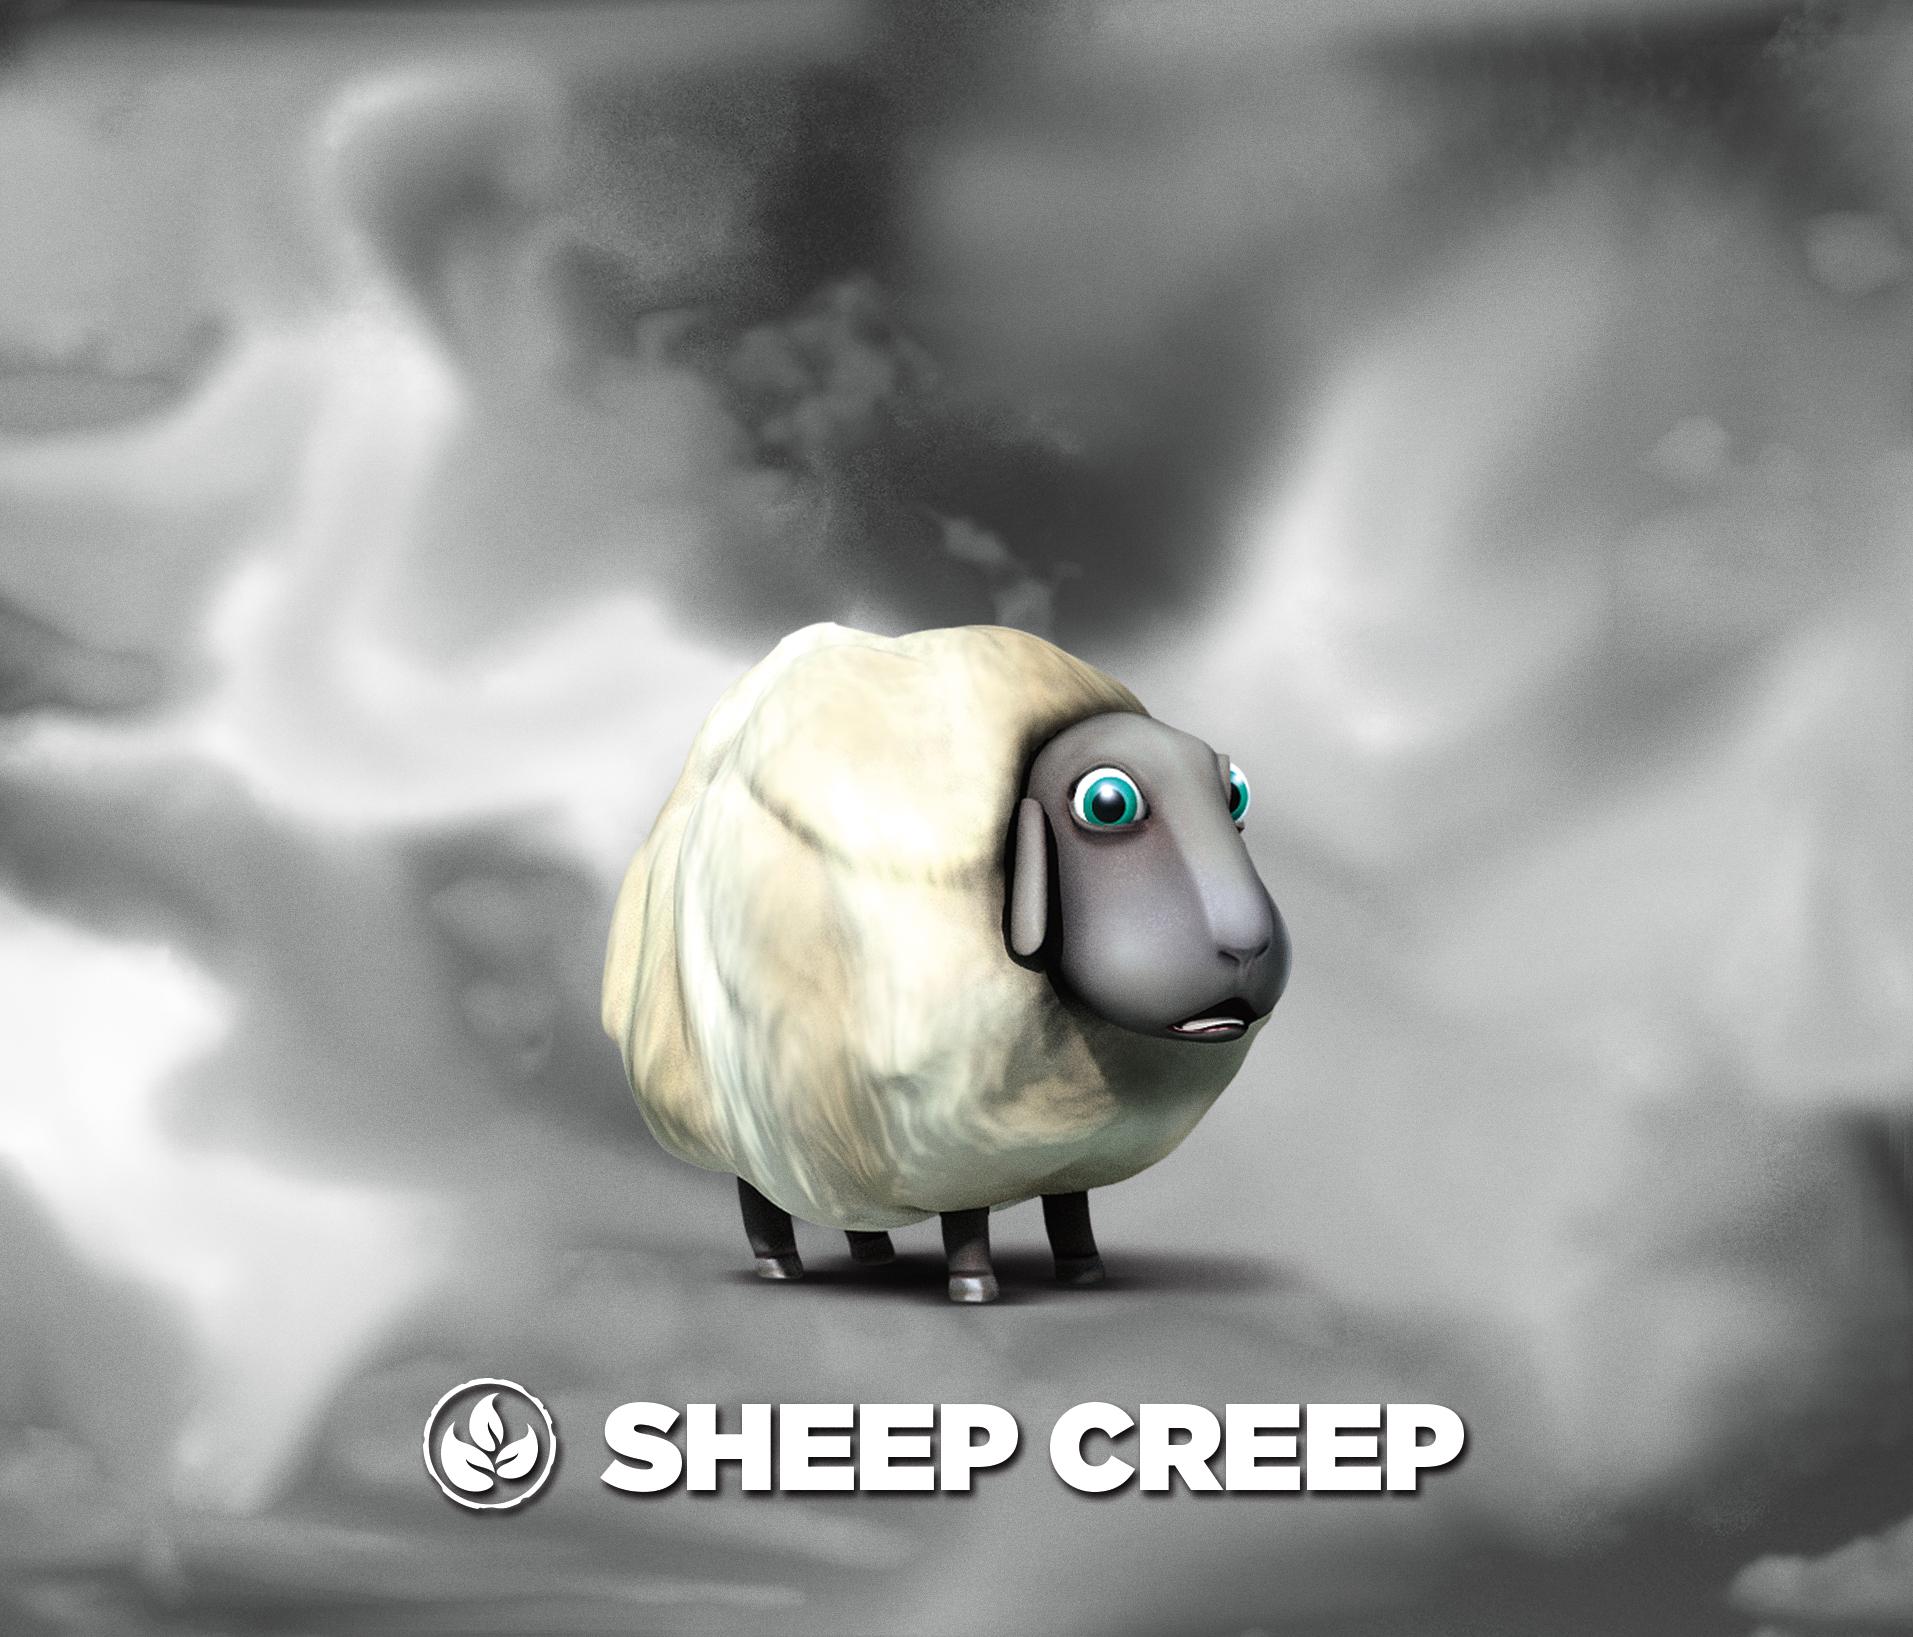 Sheep Creep (villain)